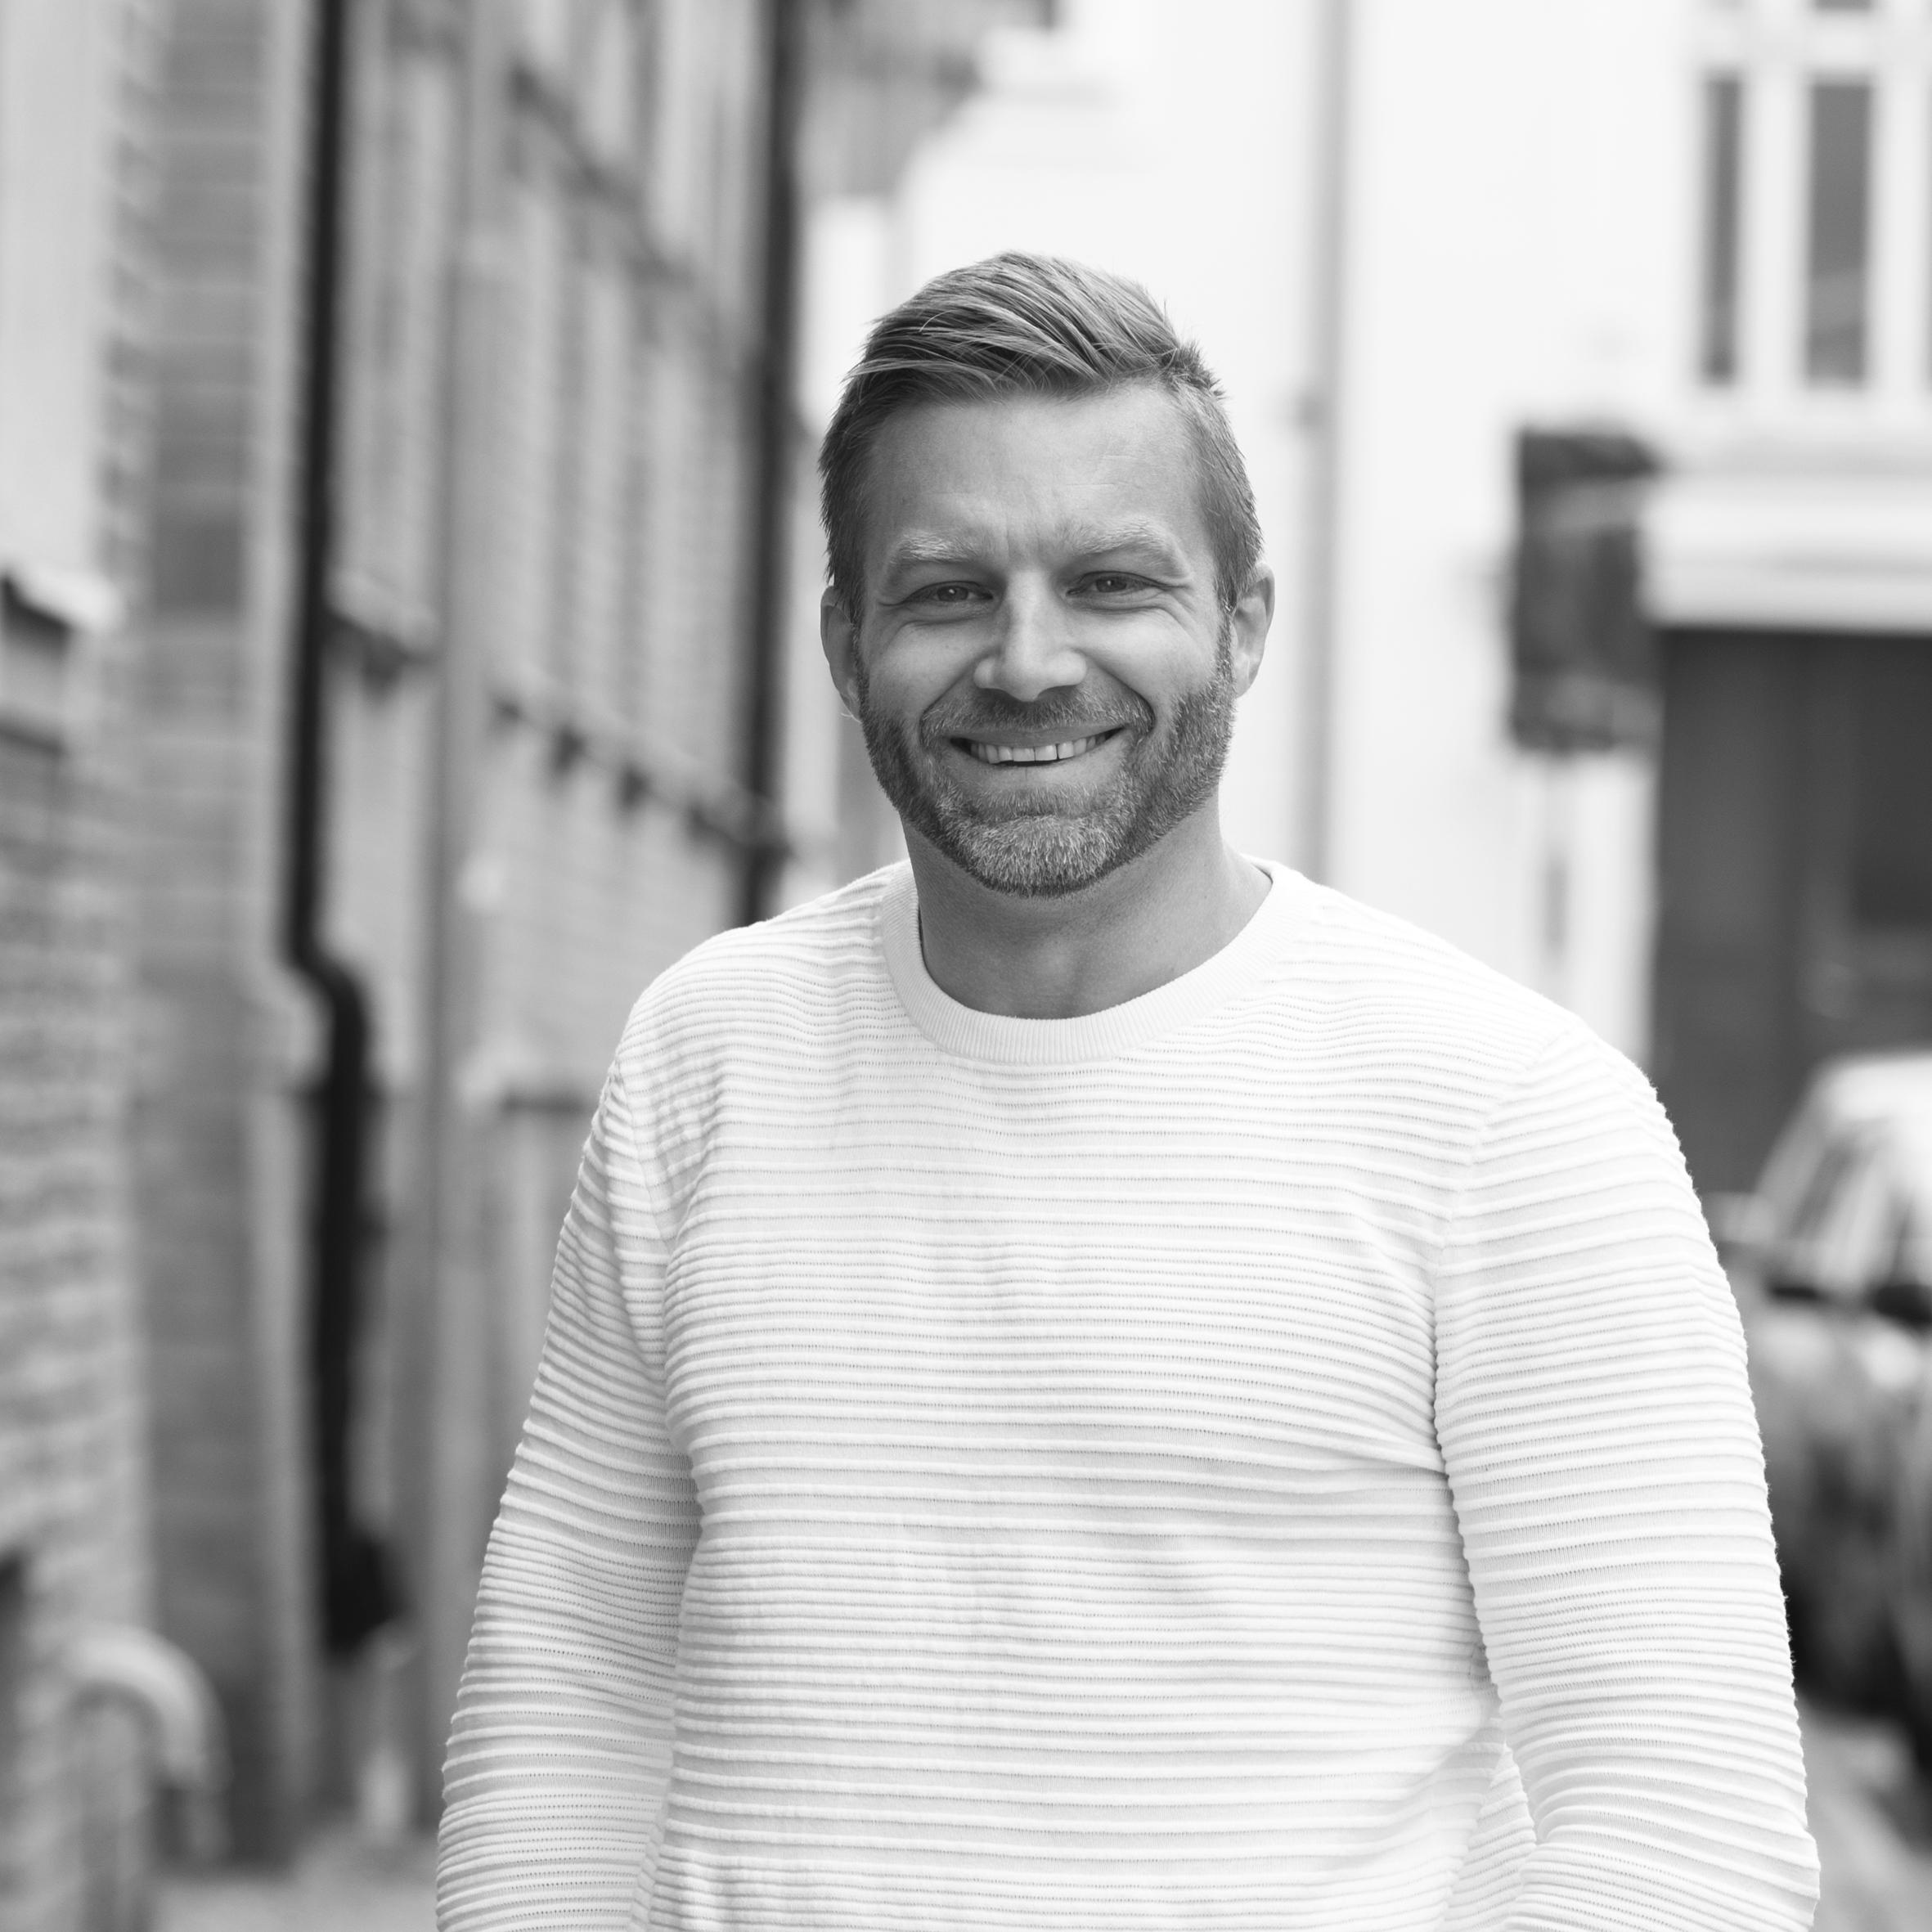 Låt oss introducera Gustav Ståhl, vår nya kollega!